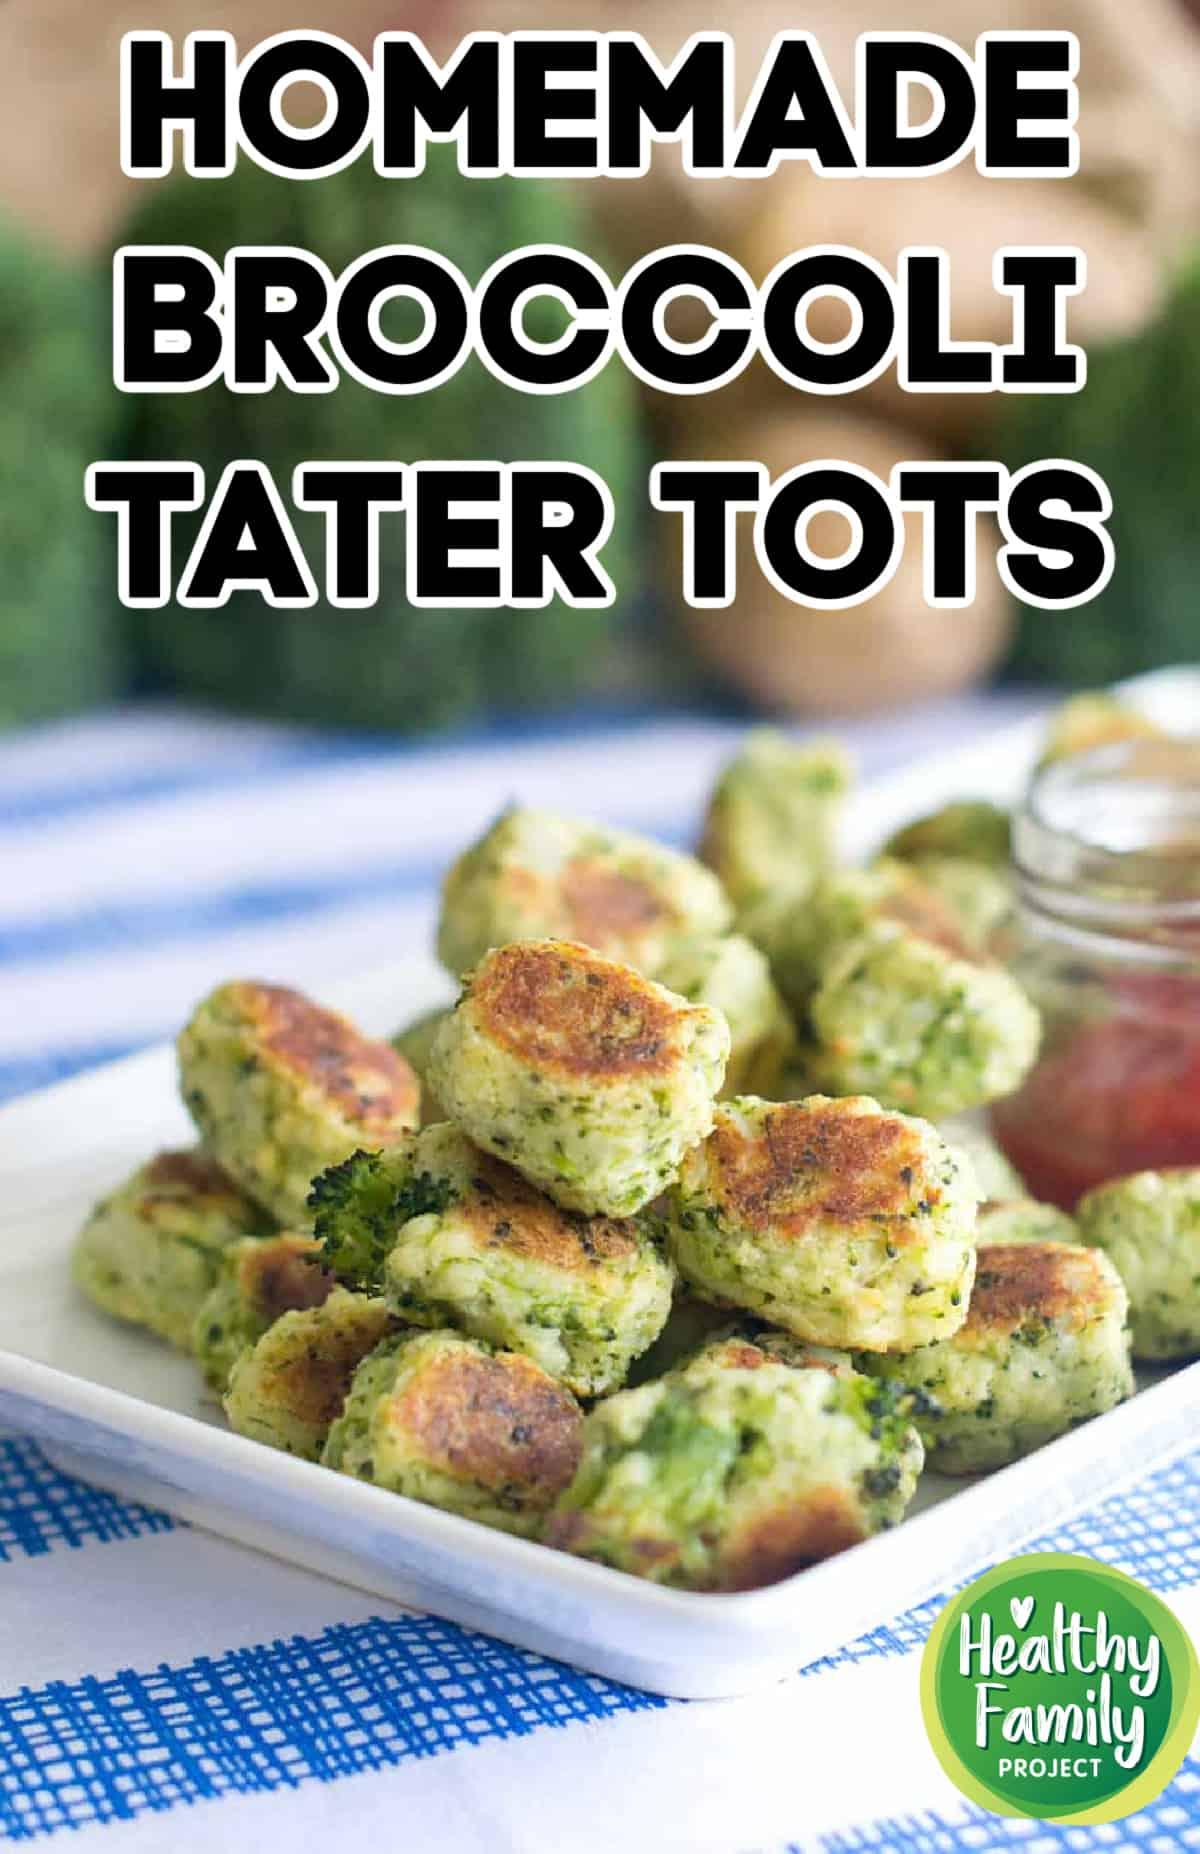 Tasty Broccoli Tater Tots